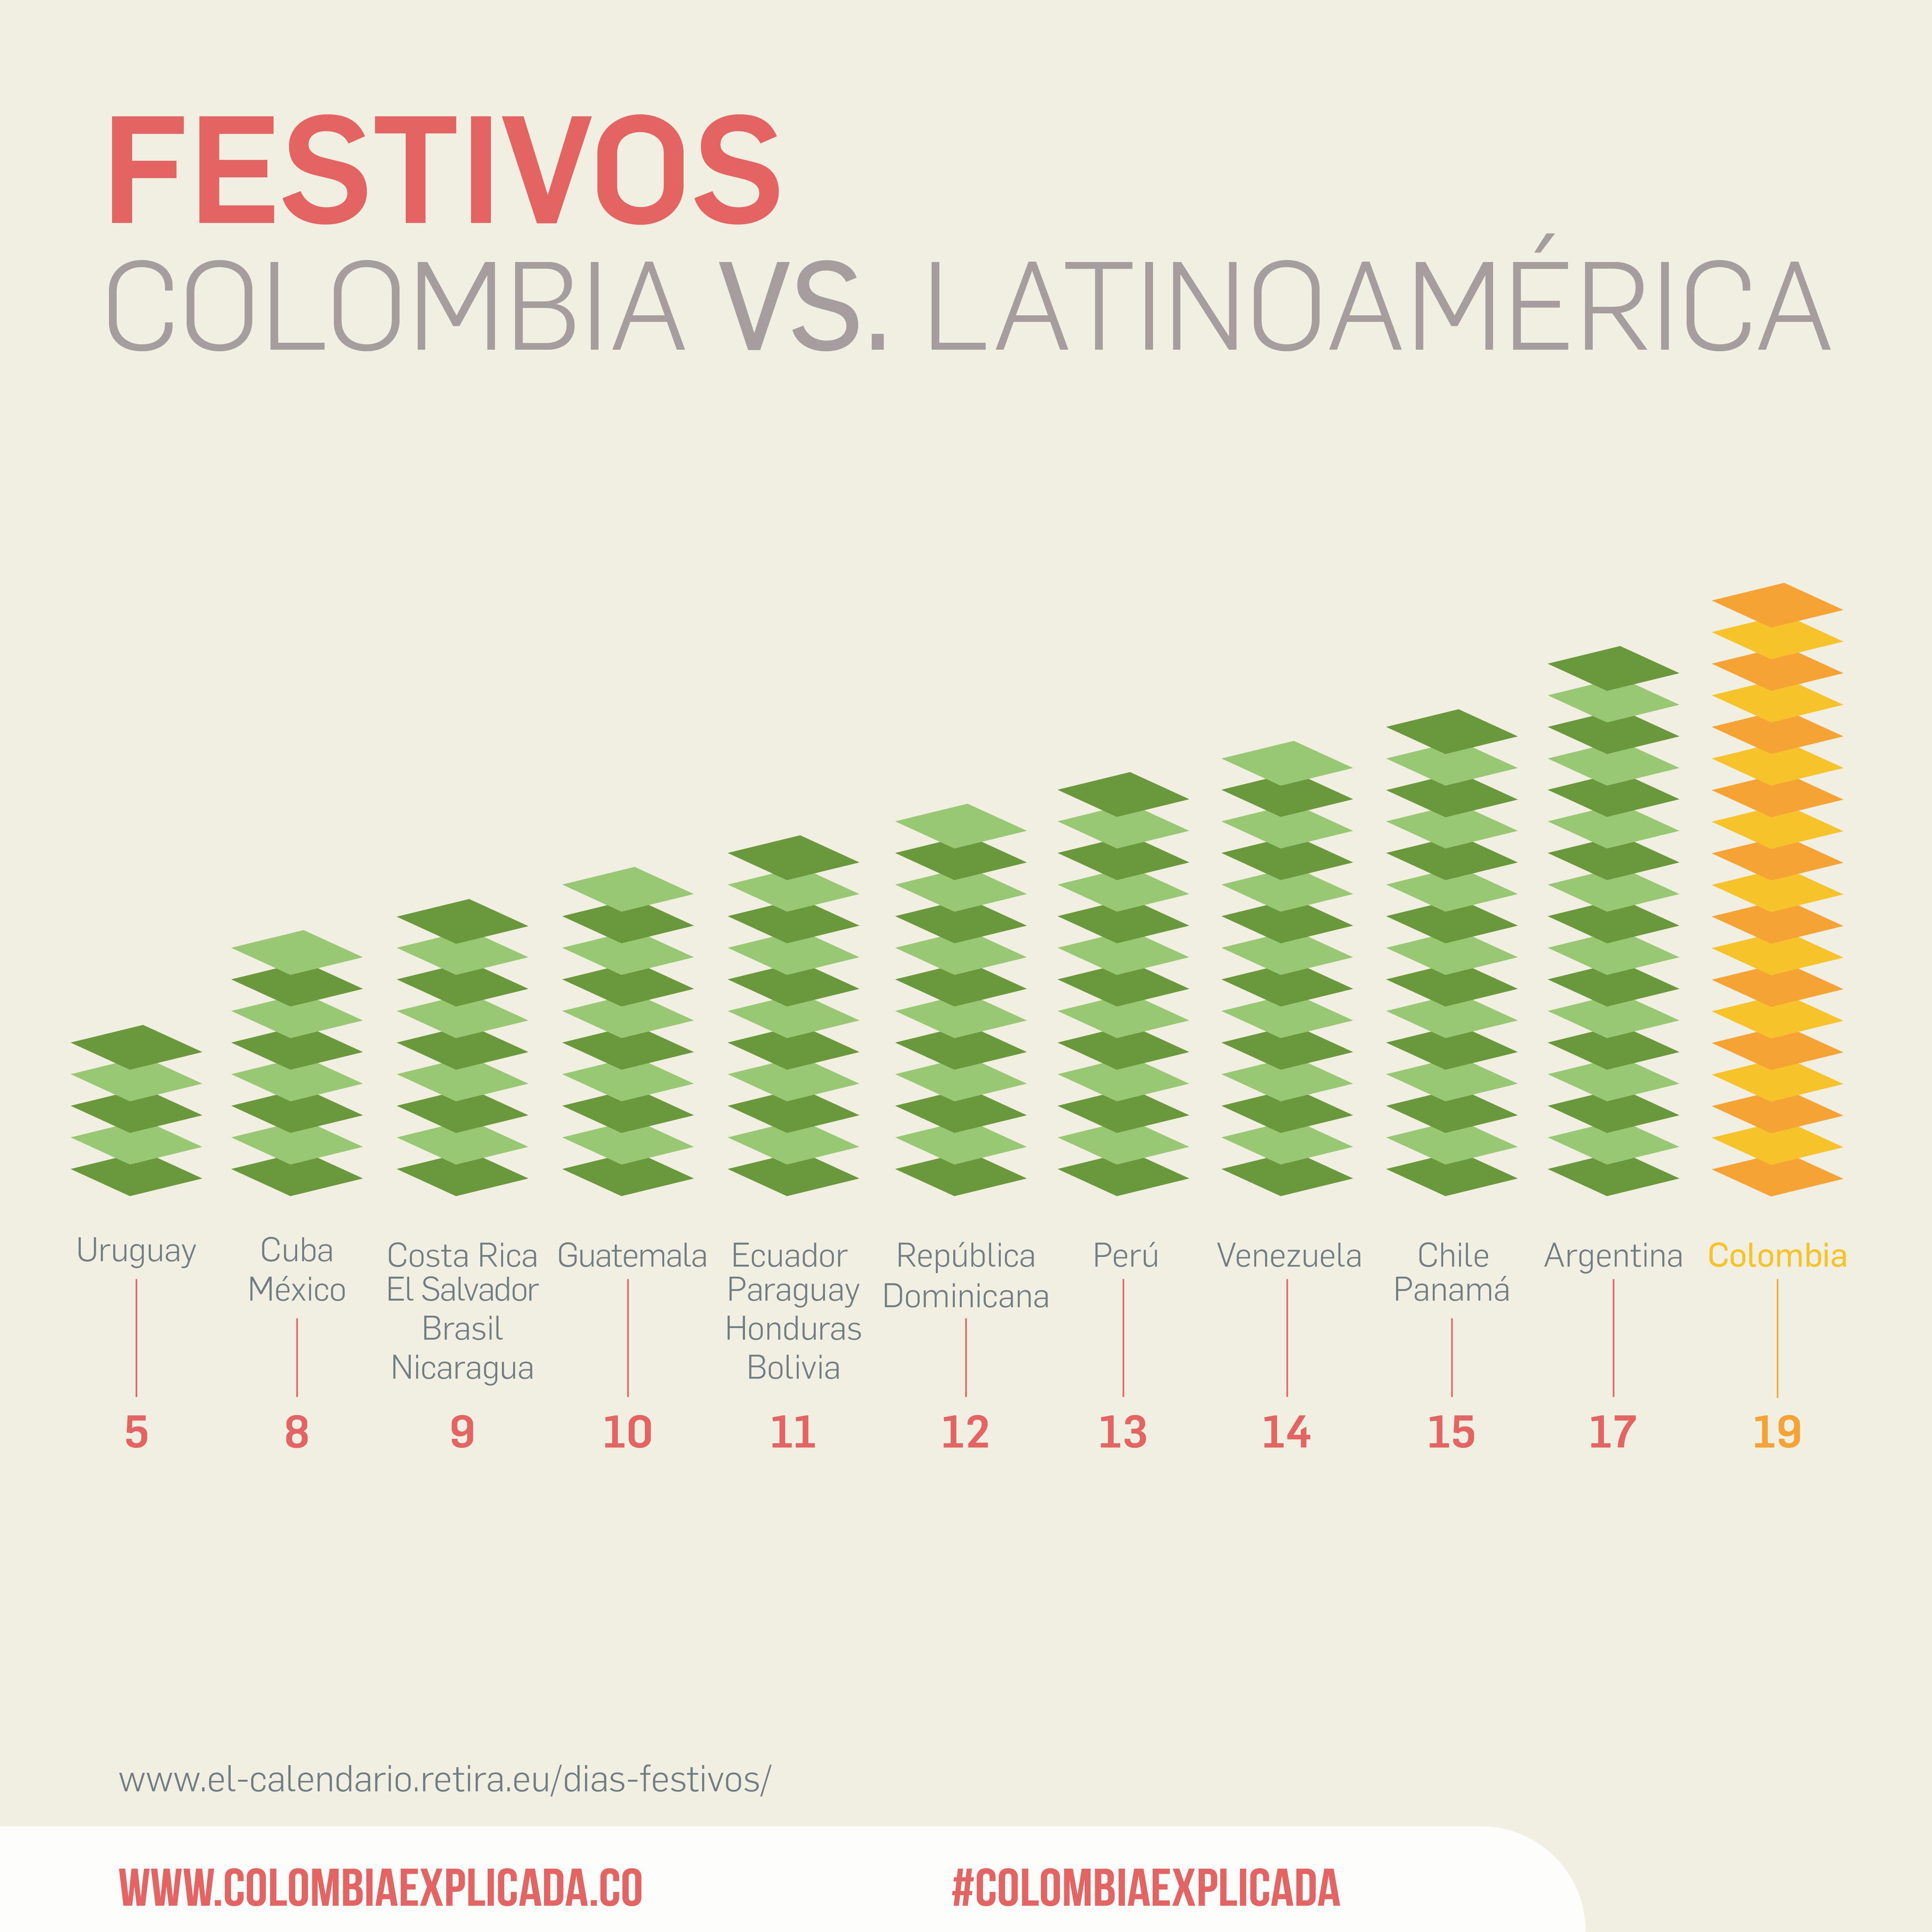 Festivos Colombia Vs Latinoamerica